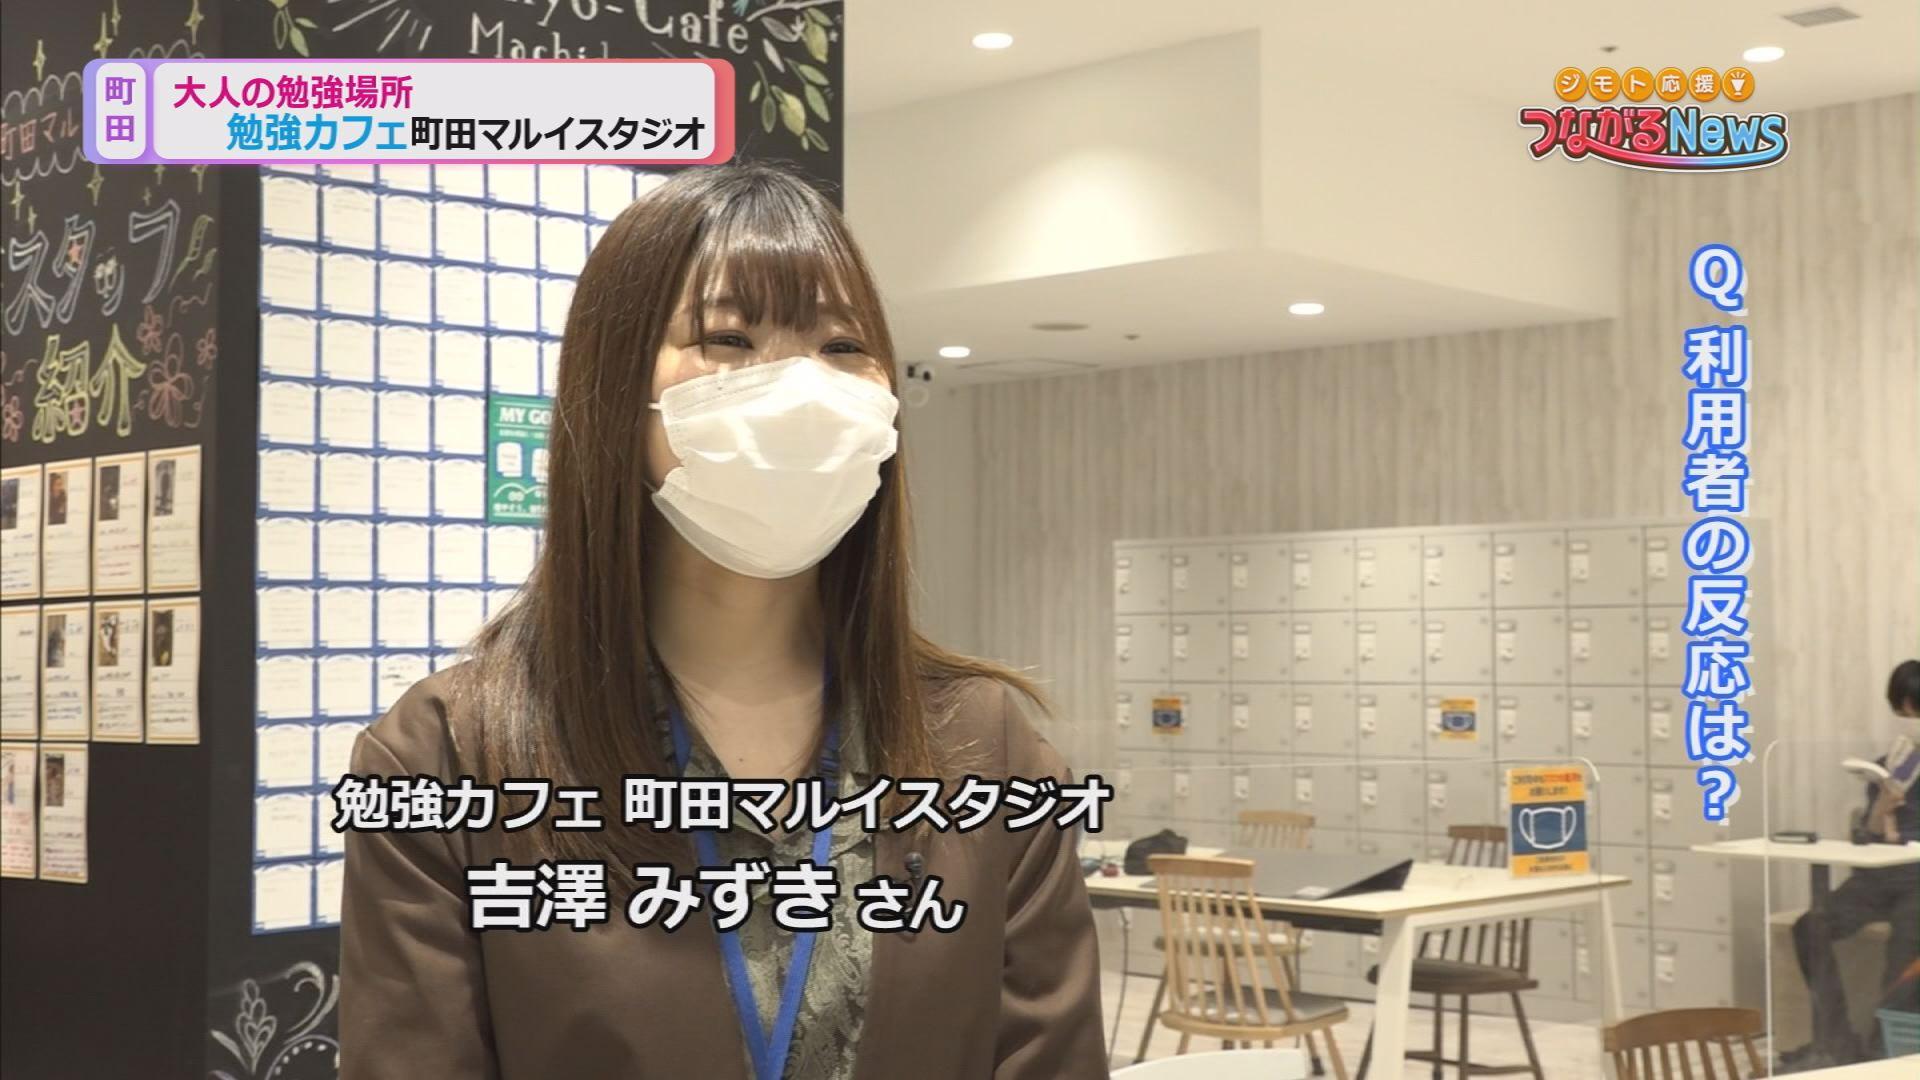 【メディア掲載】 J:COMチャンネル「ジモト応援!つながるNews」にて勉強カフェが特集されました